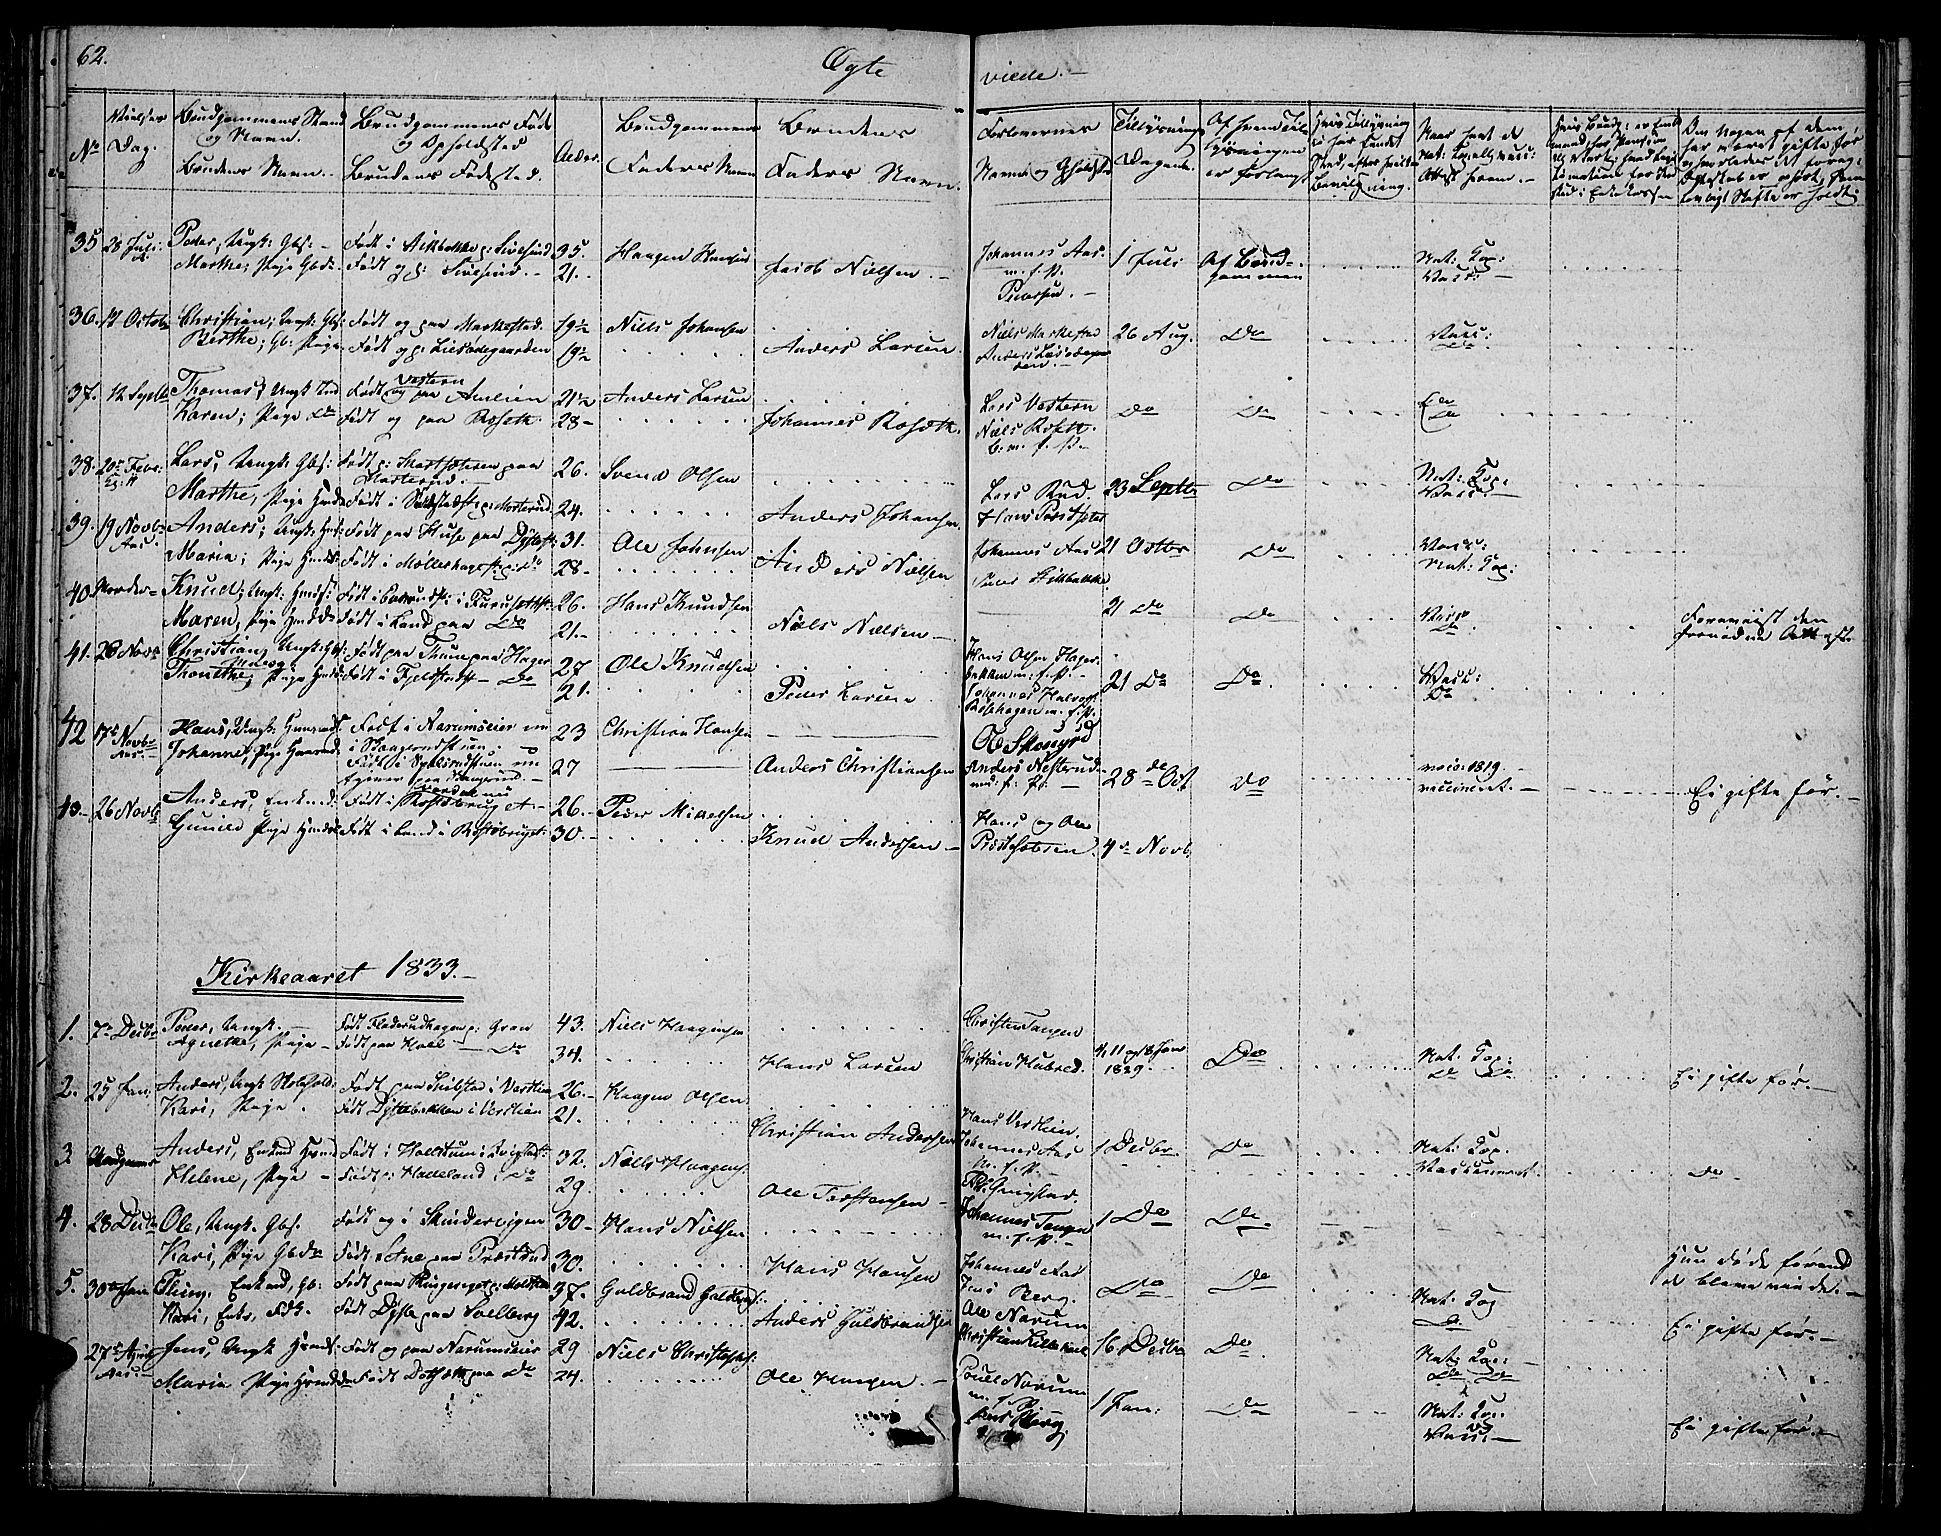 SAH, Vestre Toten prestekontor, Klokkerbok nr. 1, 1830-1836, s. 62